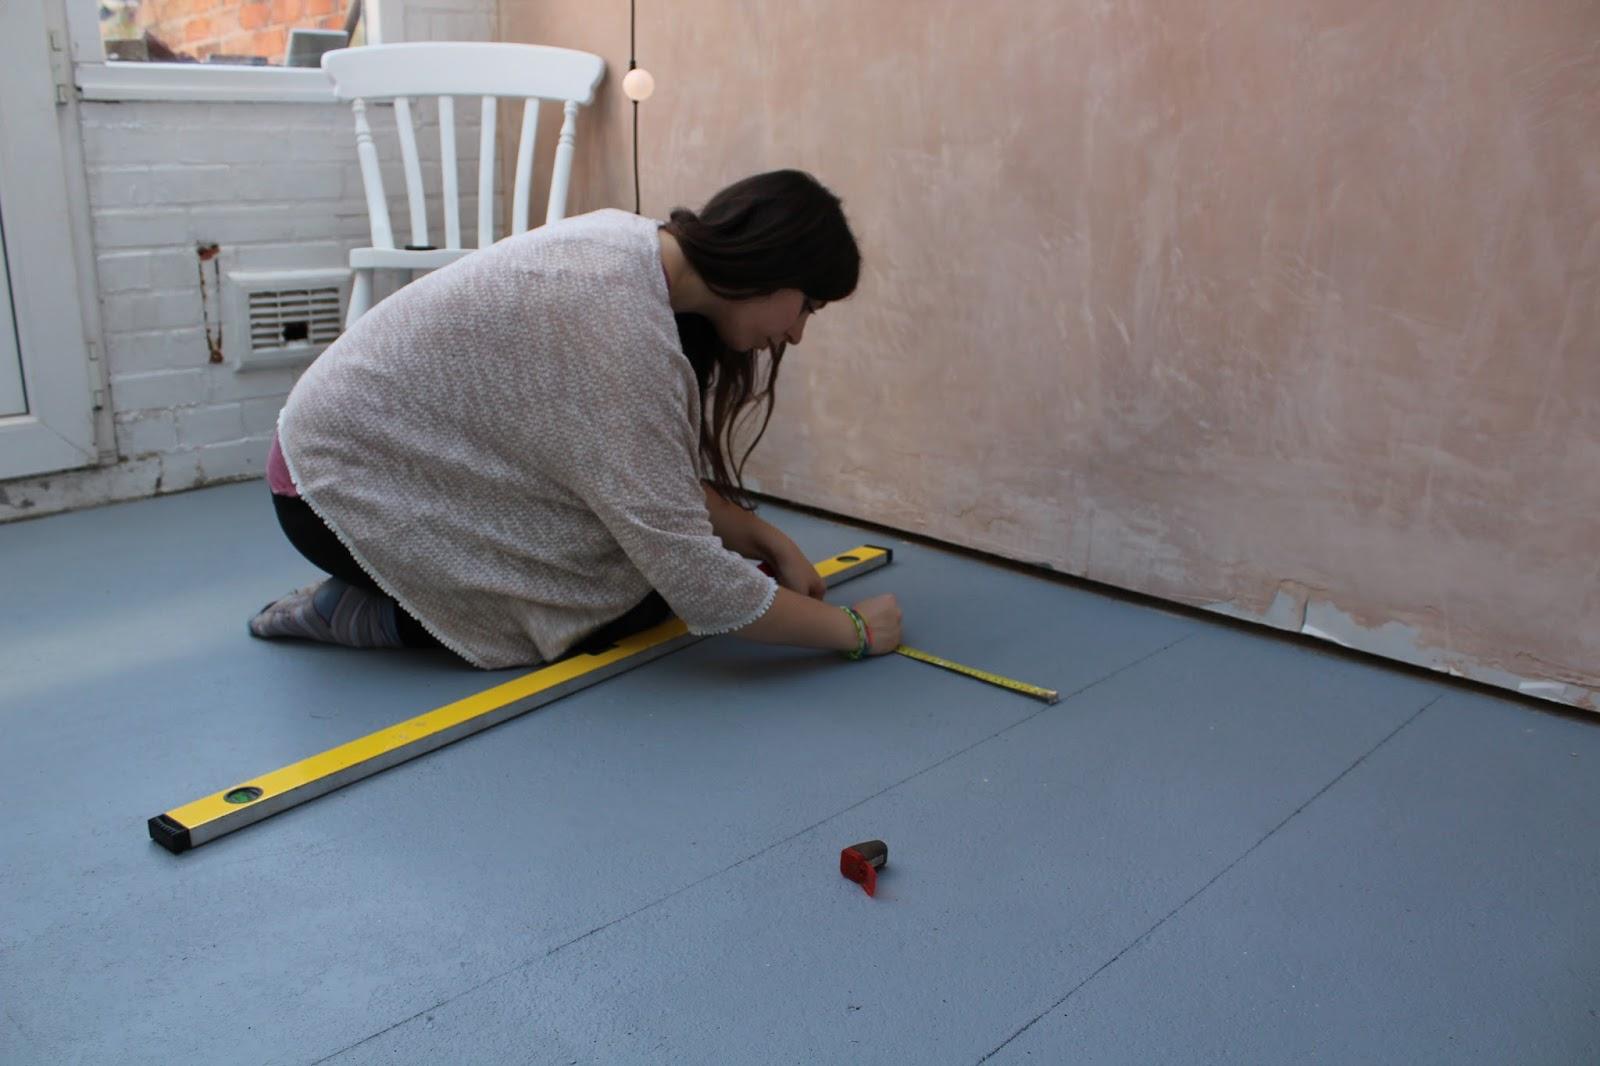 DIY patterned floor